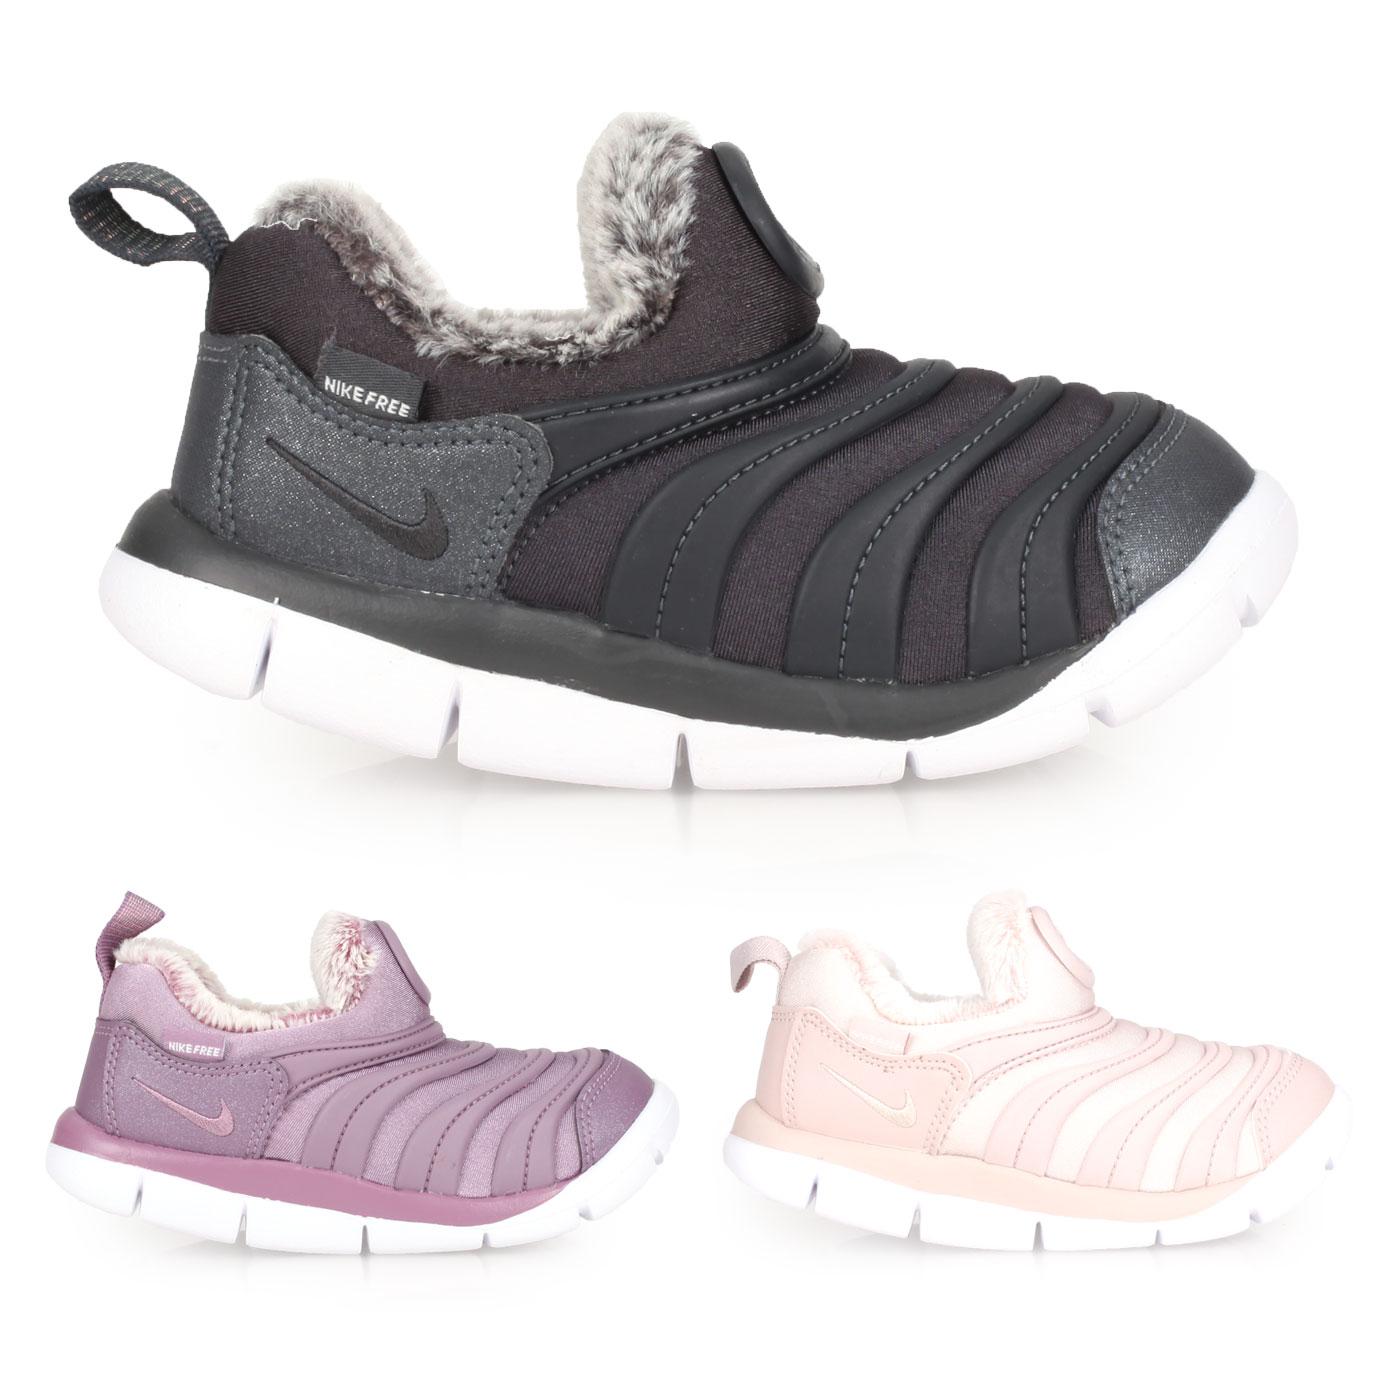 NIKE 小童毛毛蟲保暖運動鞋  @DYNAMO FREE SE (TD)@AA7217002